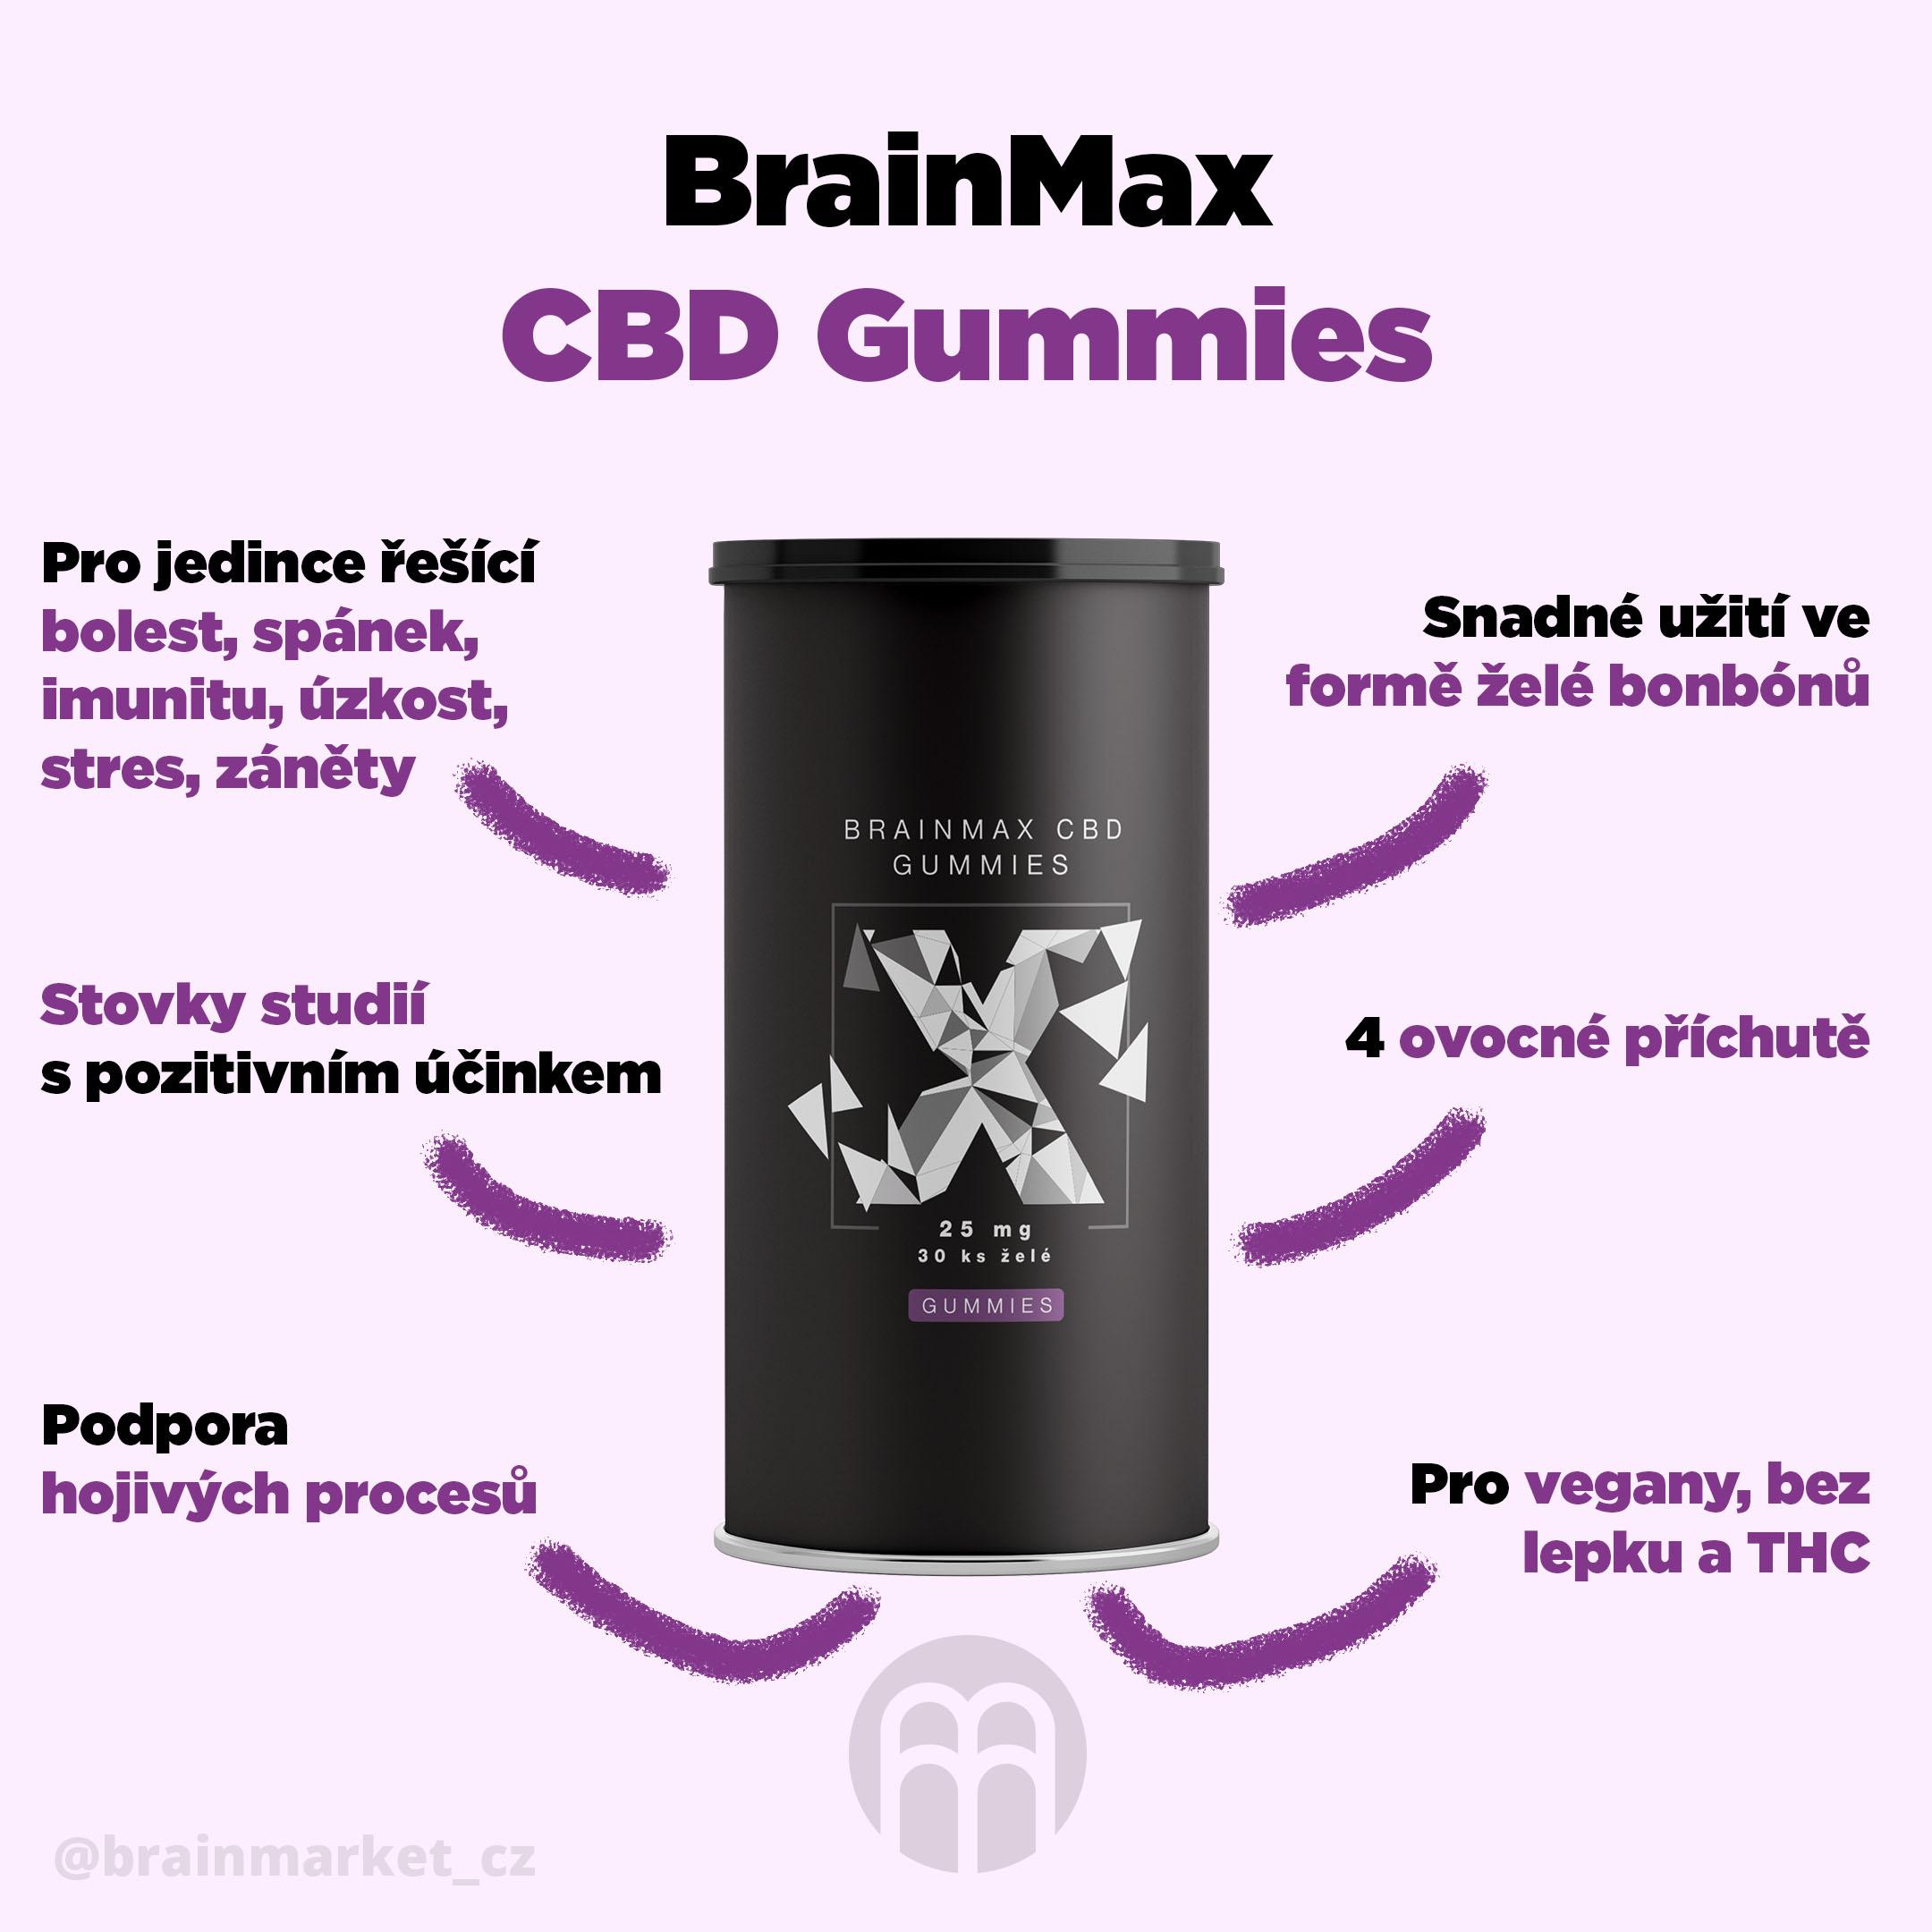 cbd-gummies-infografika-brainmarket-cz